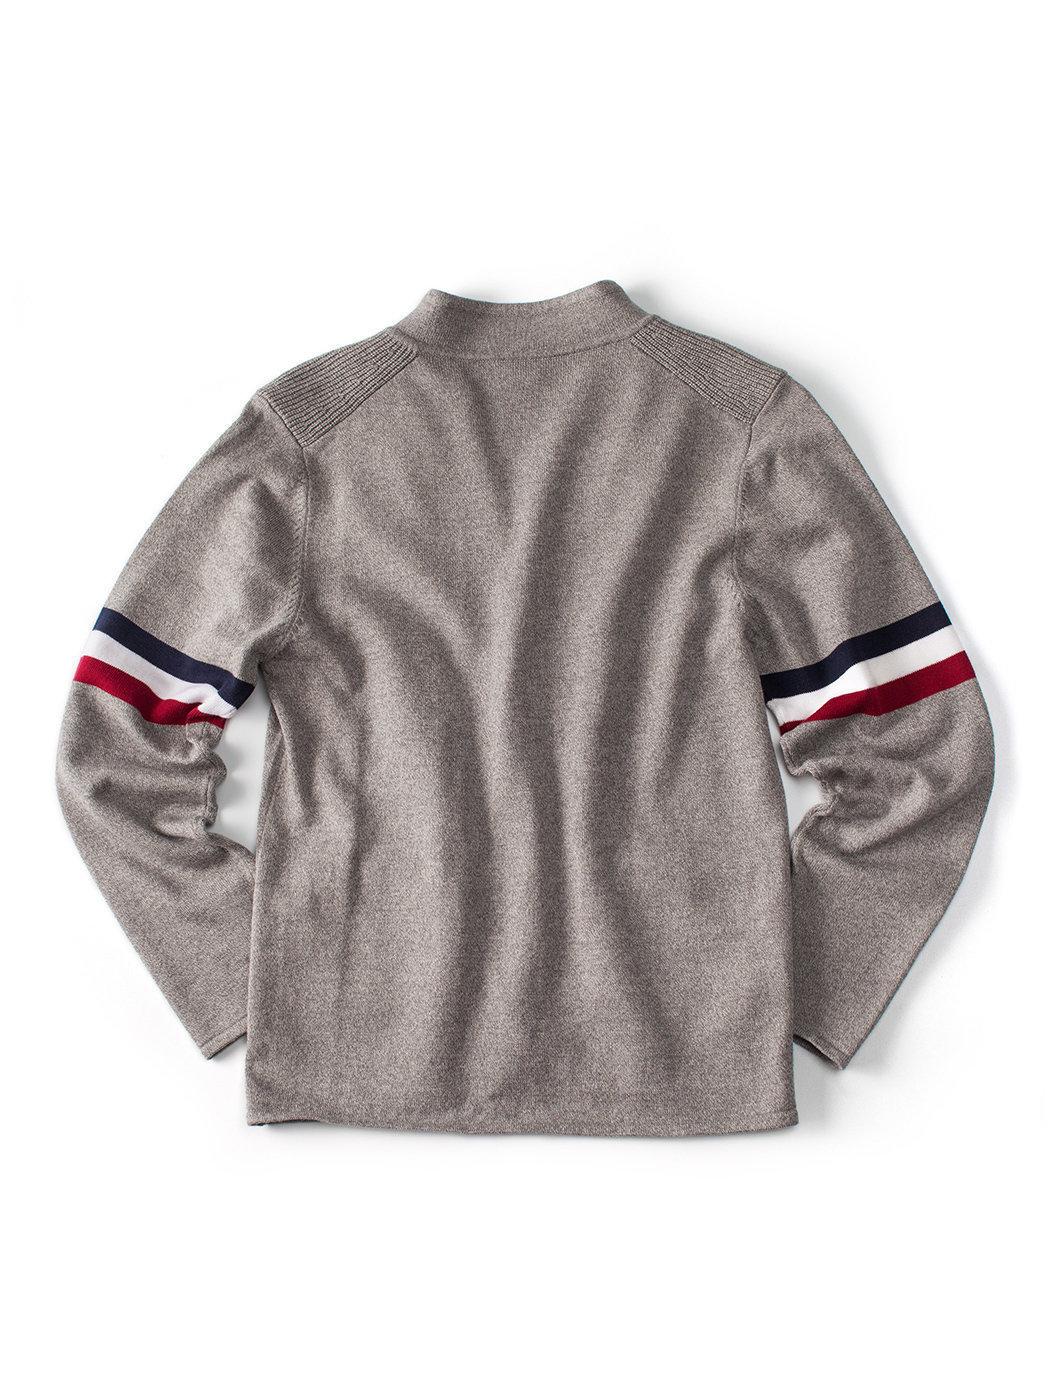 Пиджак вязаный для мальчика